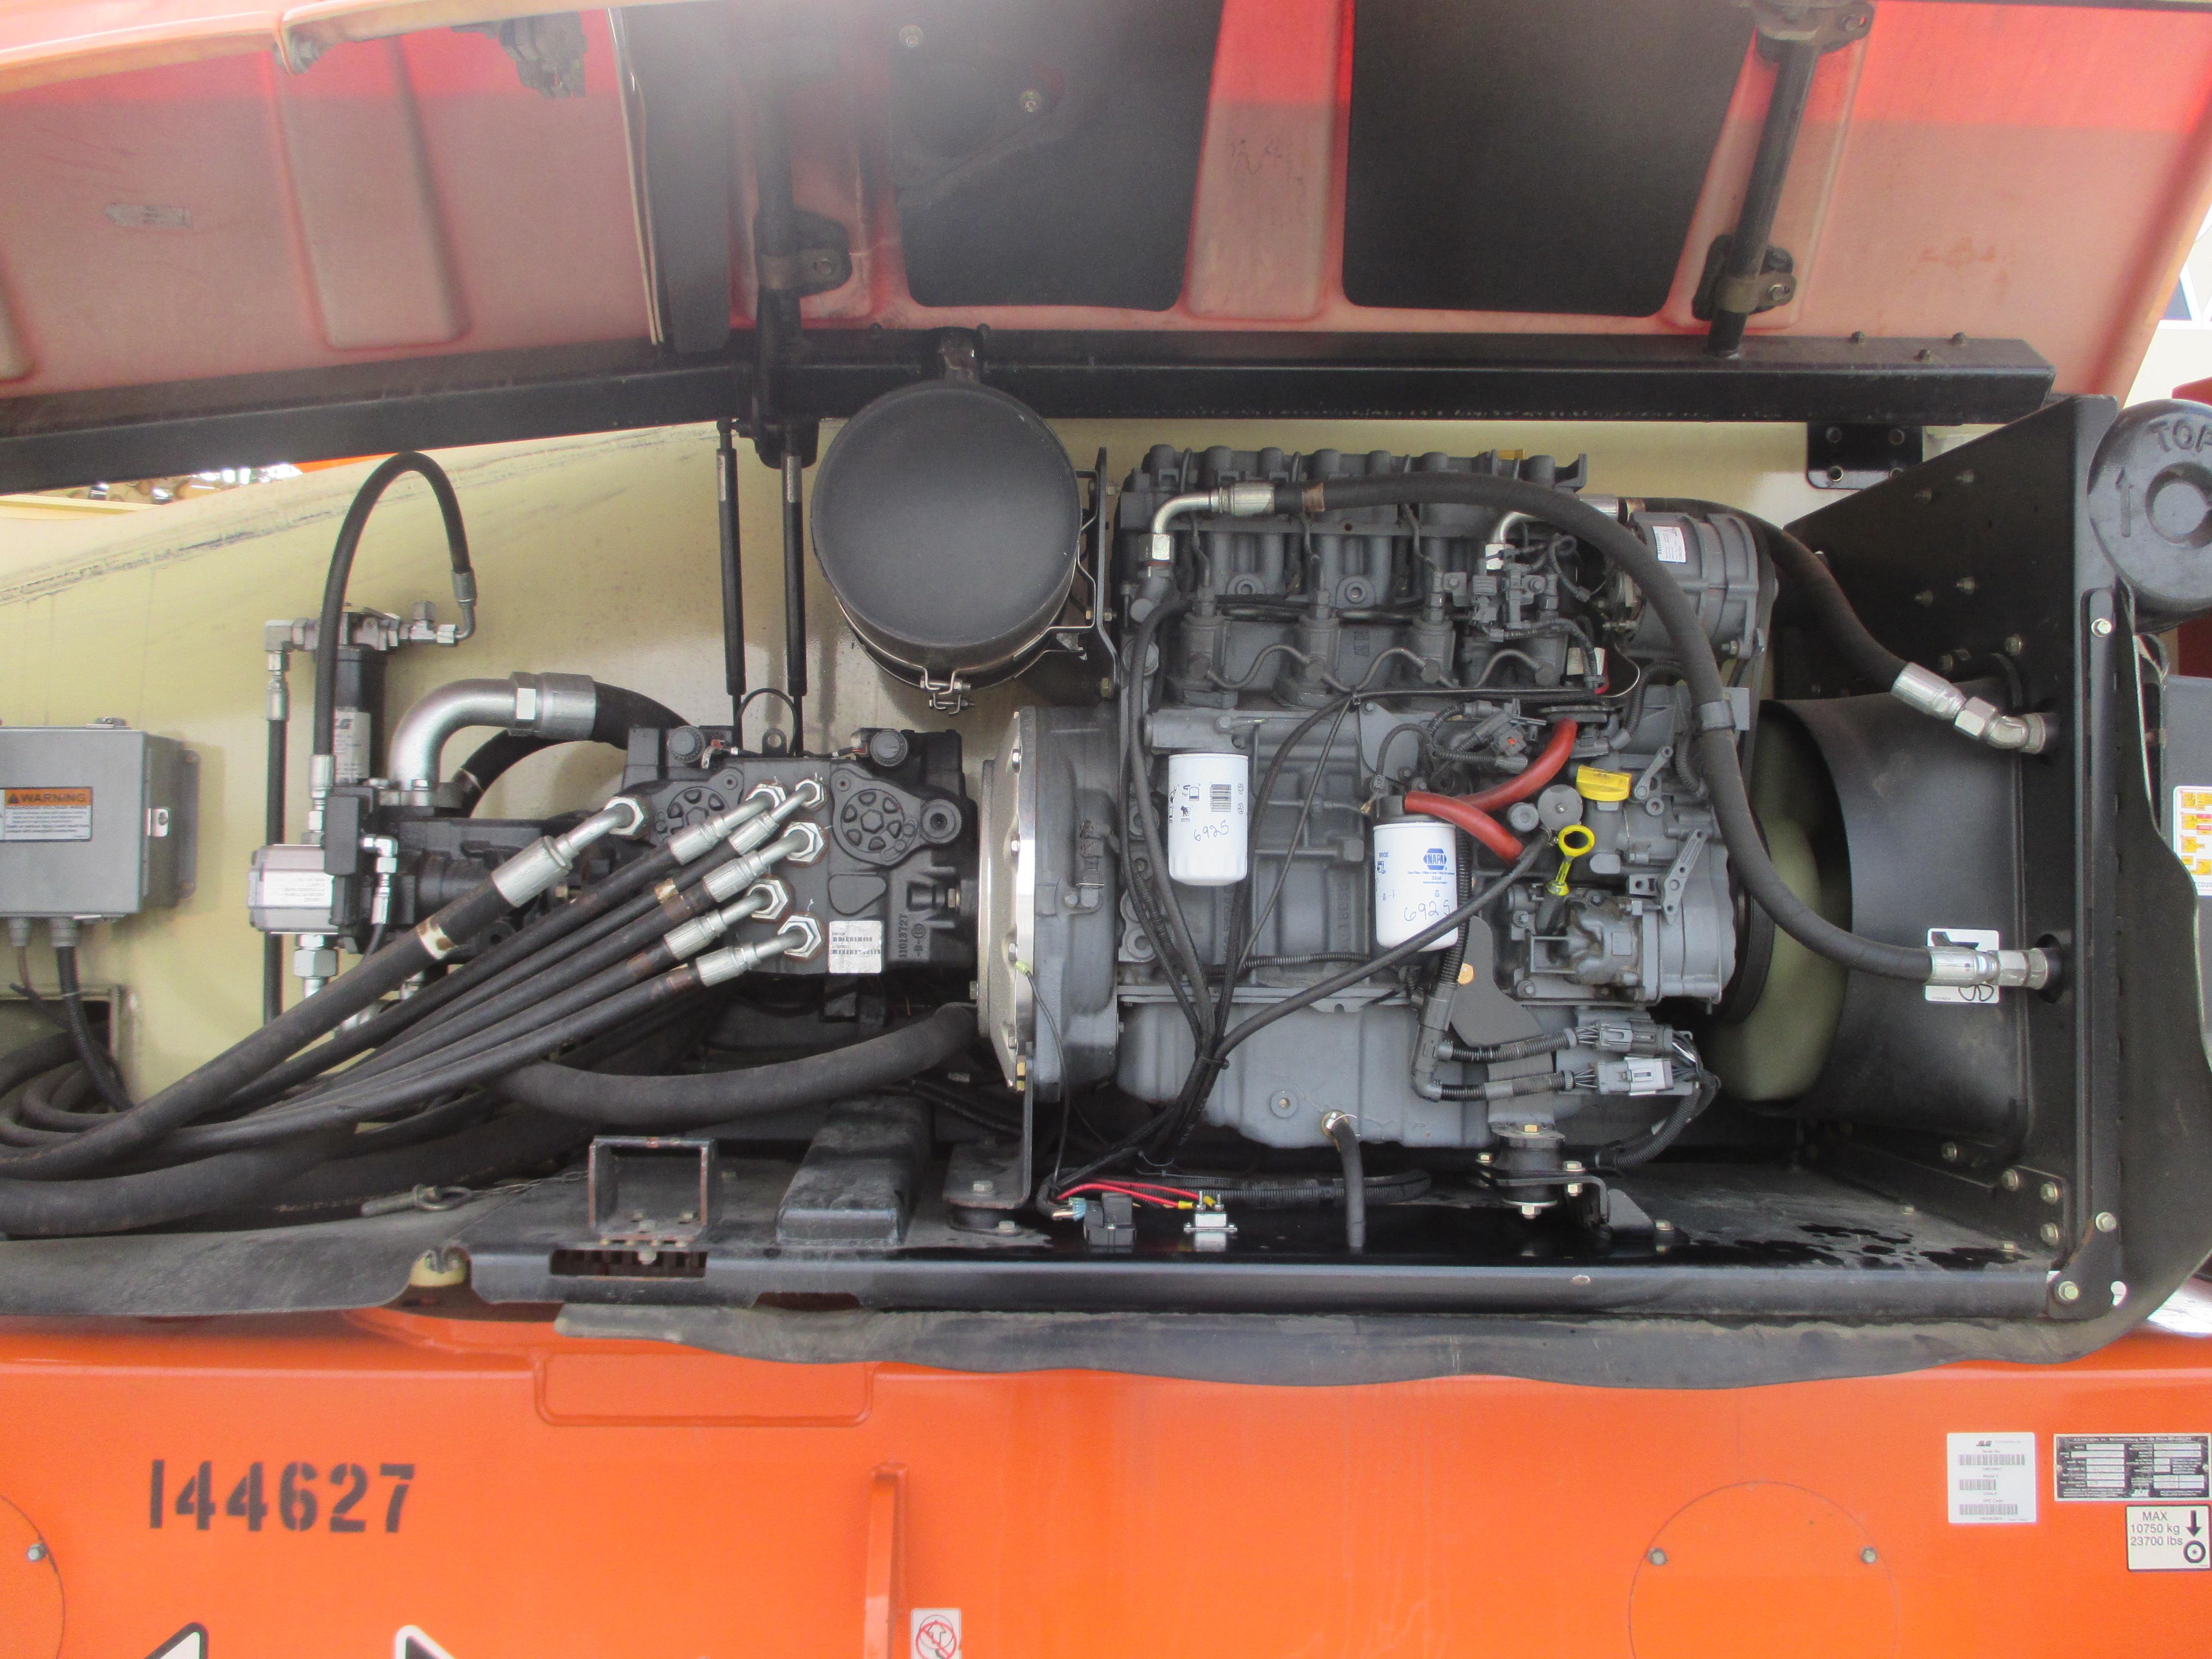 2011 JLG 1250AJP-13